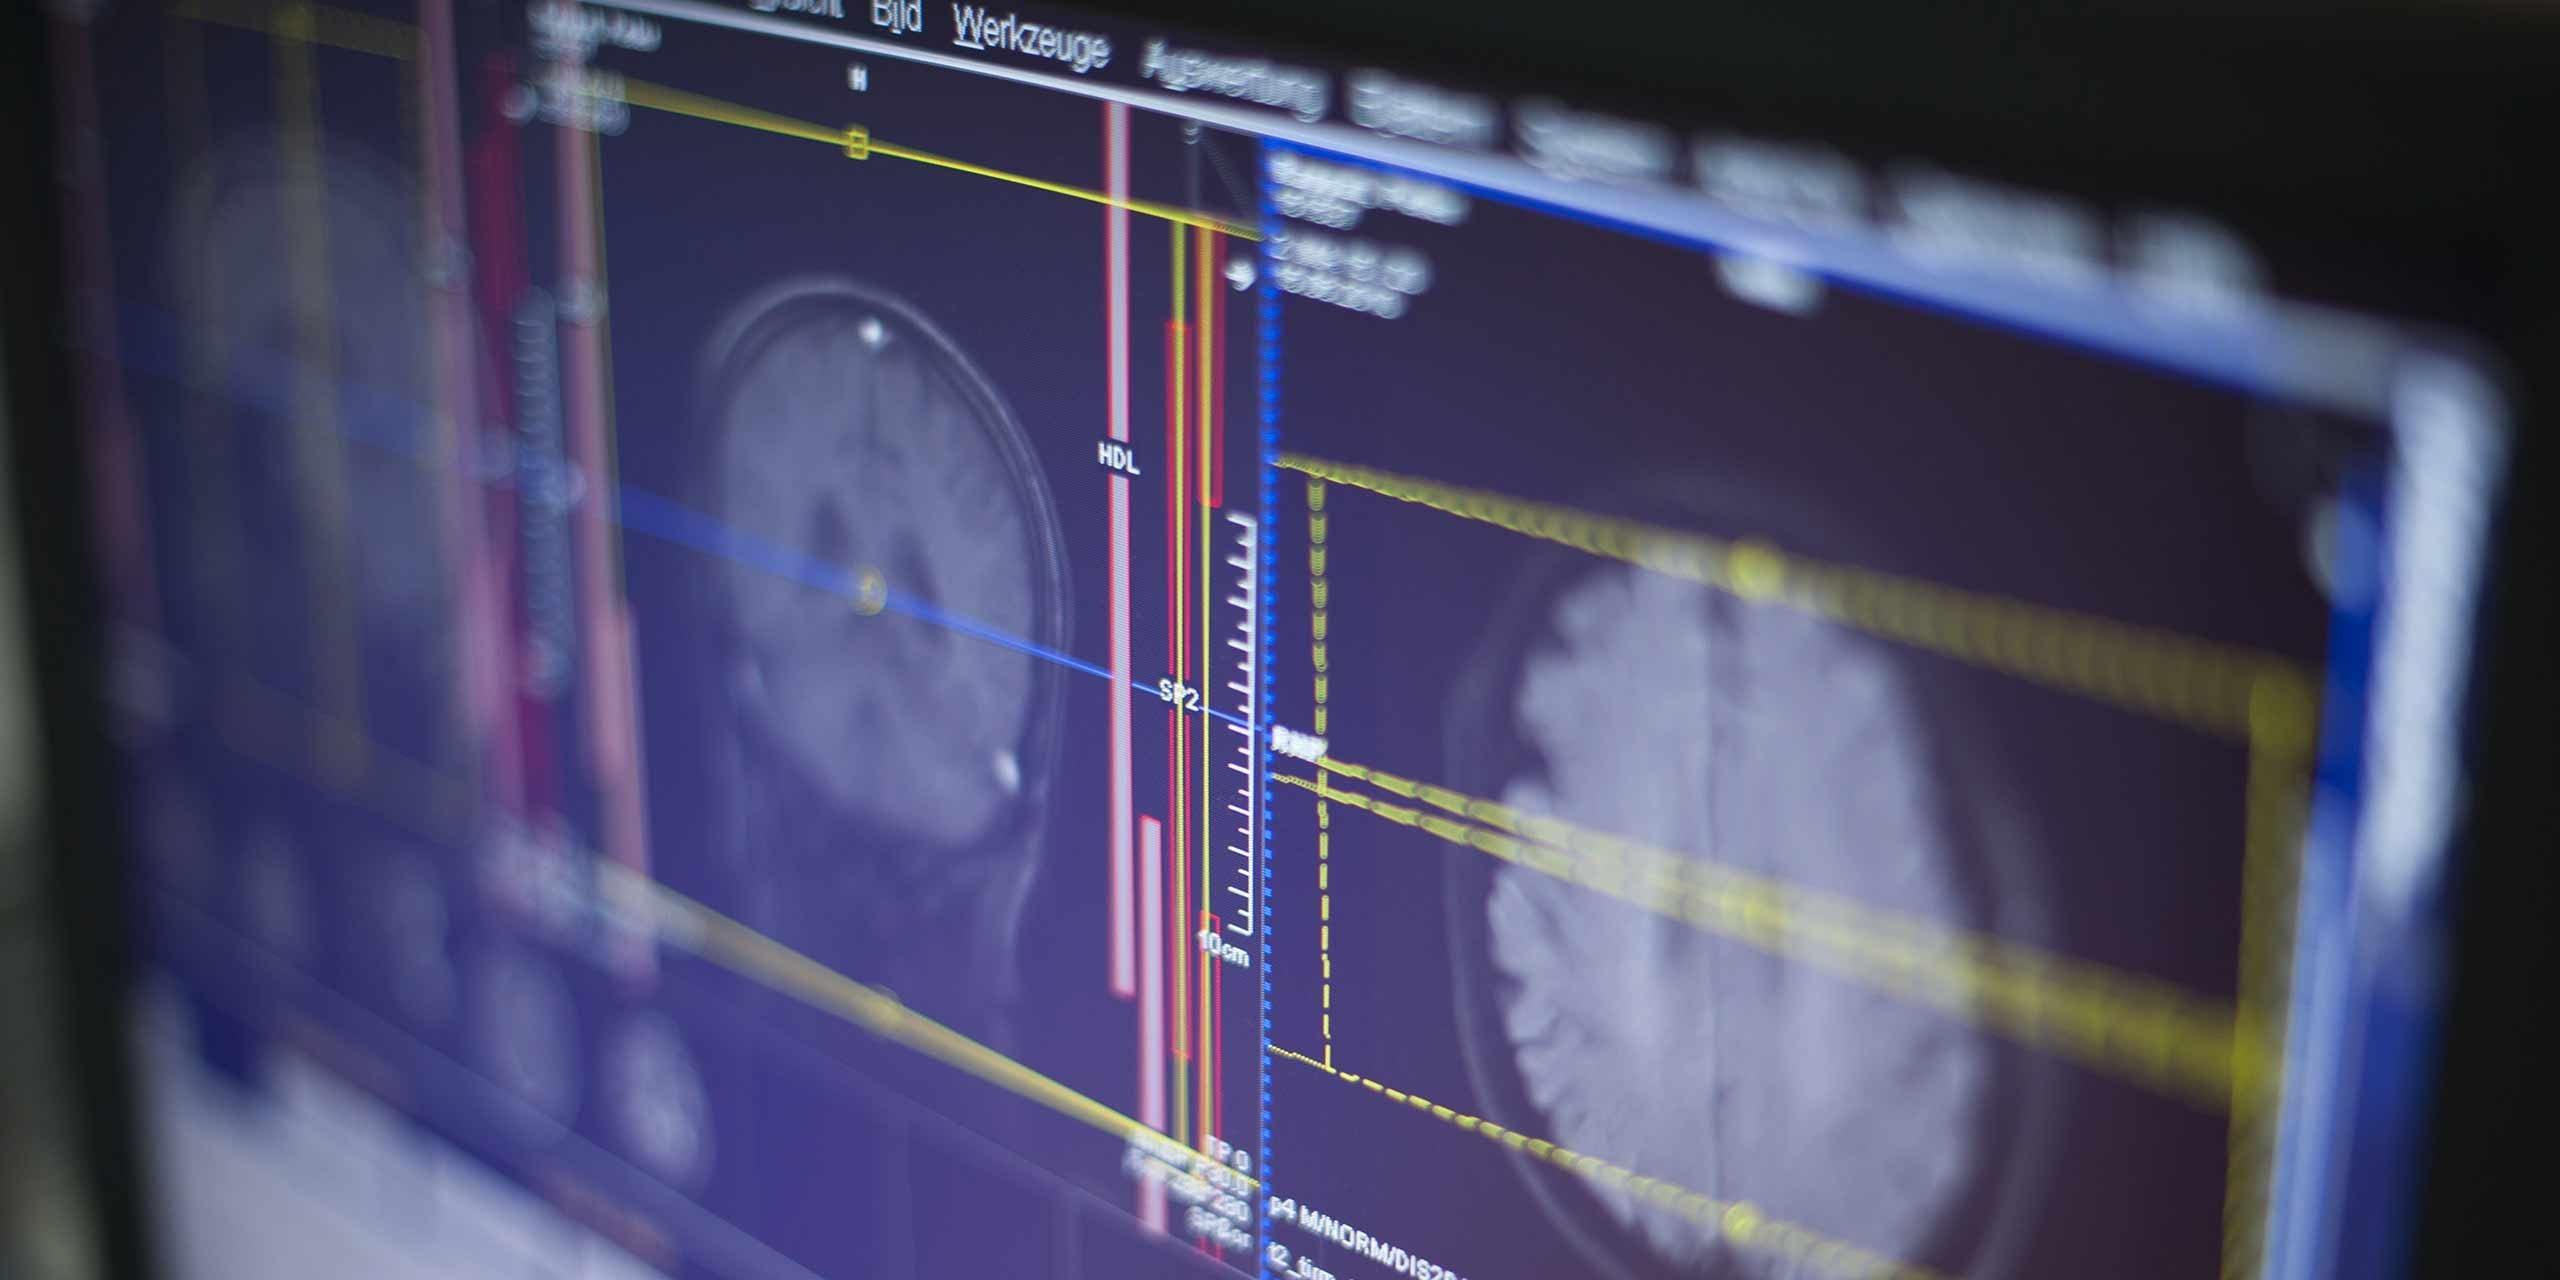 Radiologikum - Eppendorfer-Baum - Schmerztherapie der Wirbelsäule (PRT)